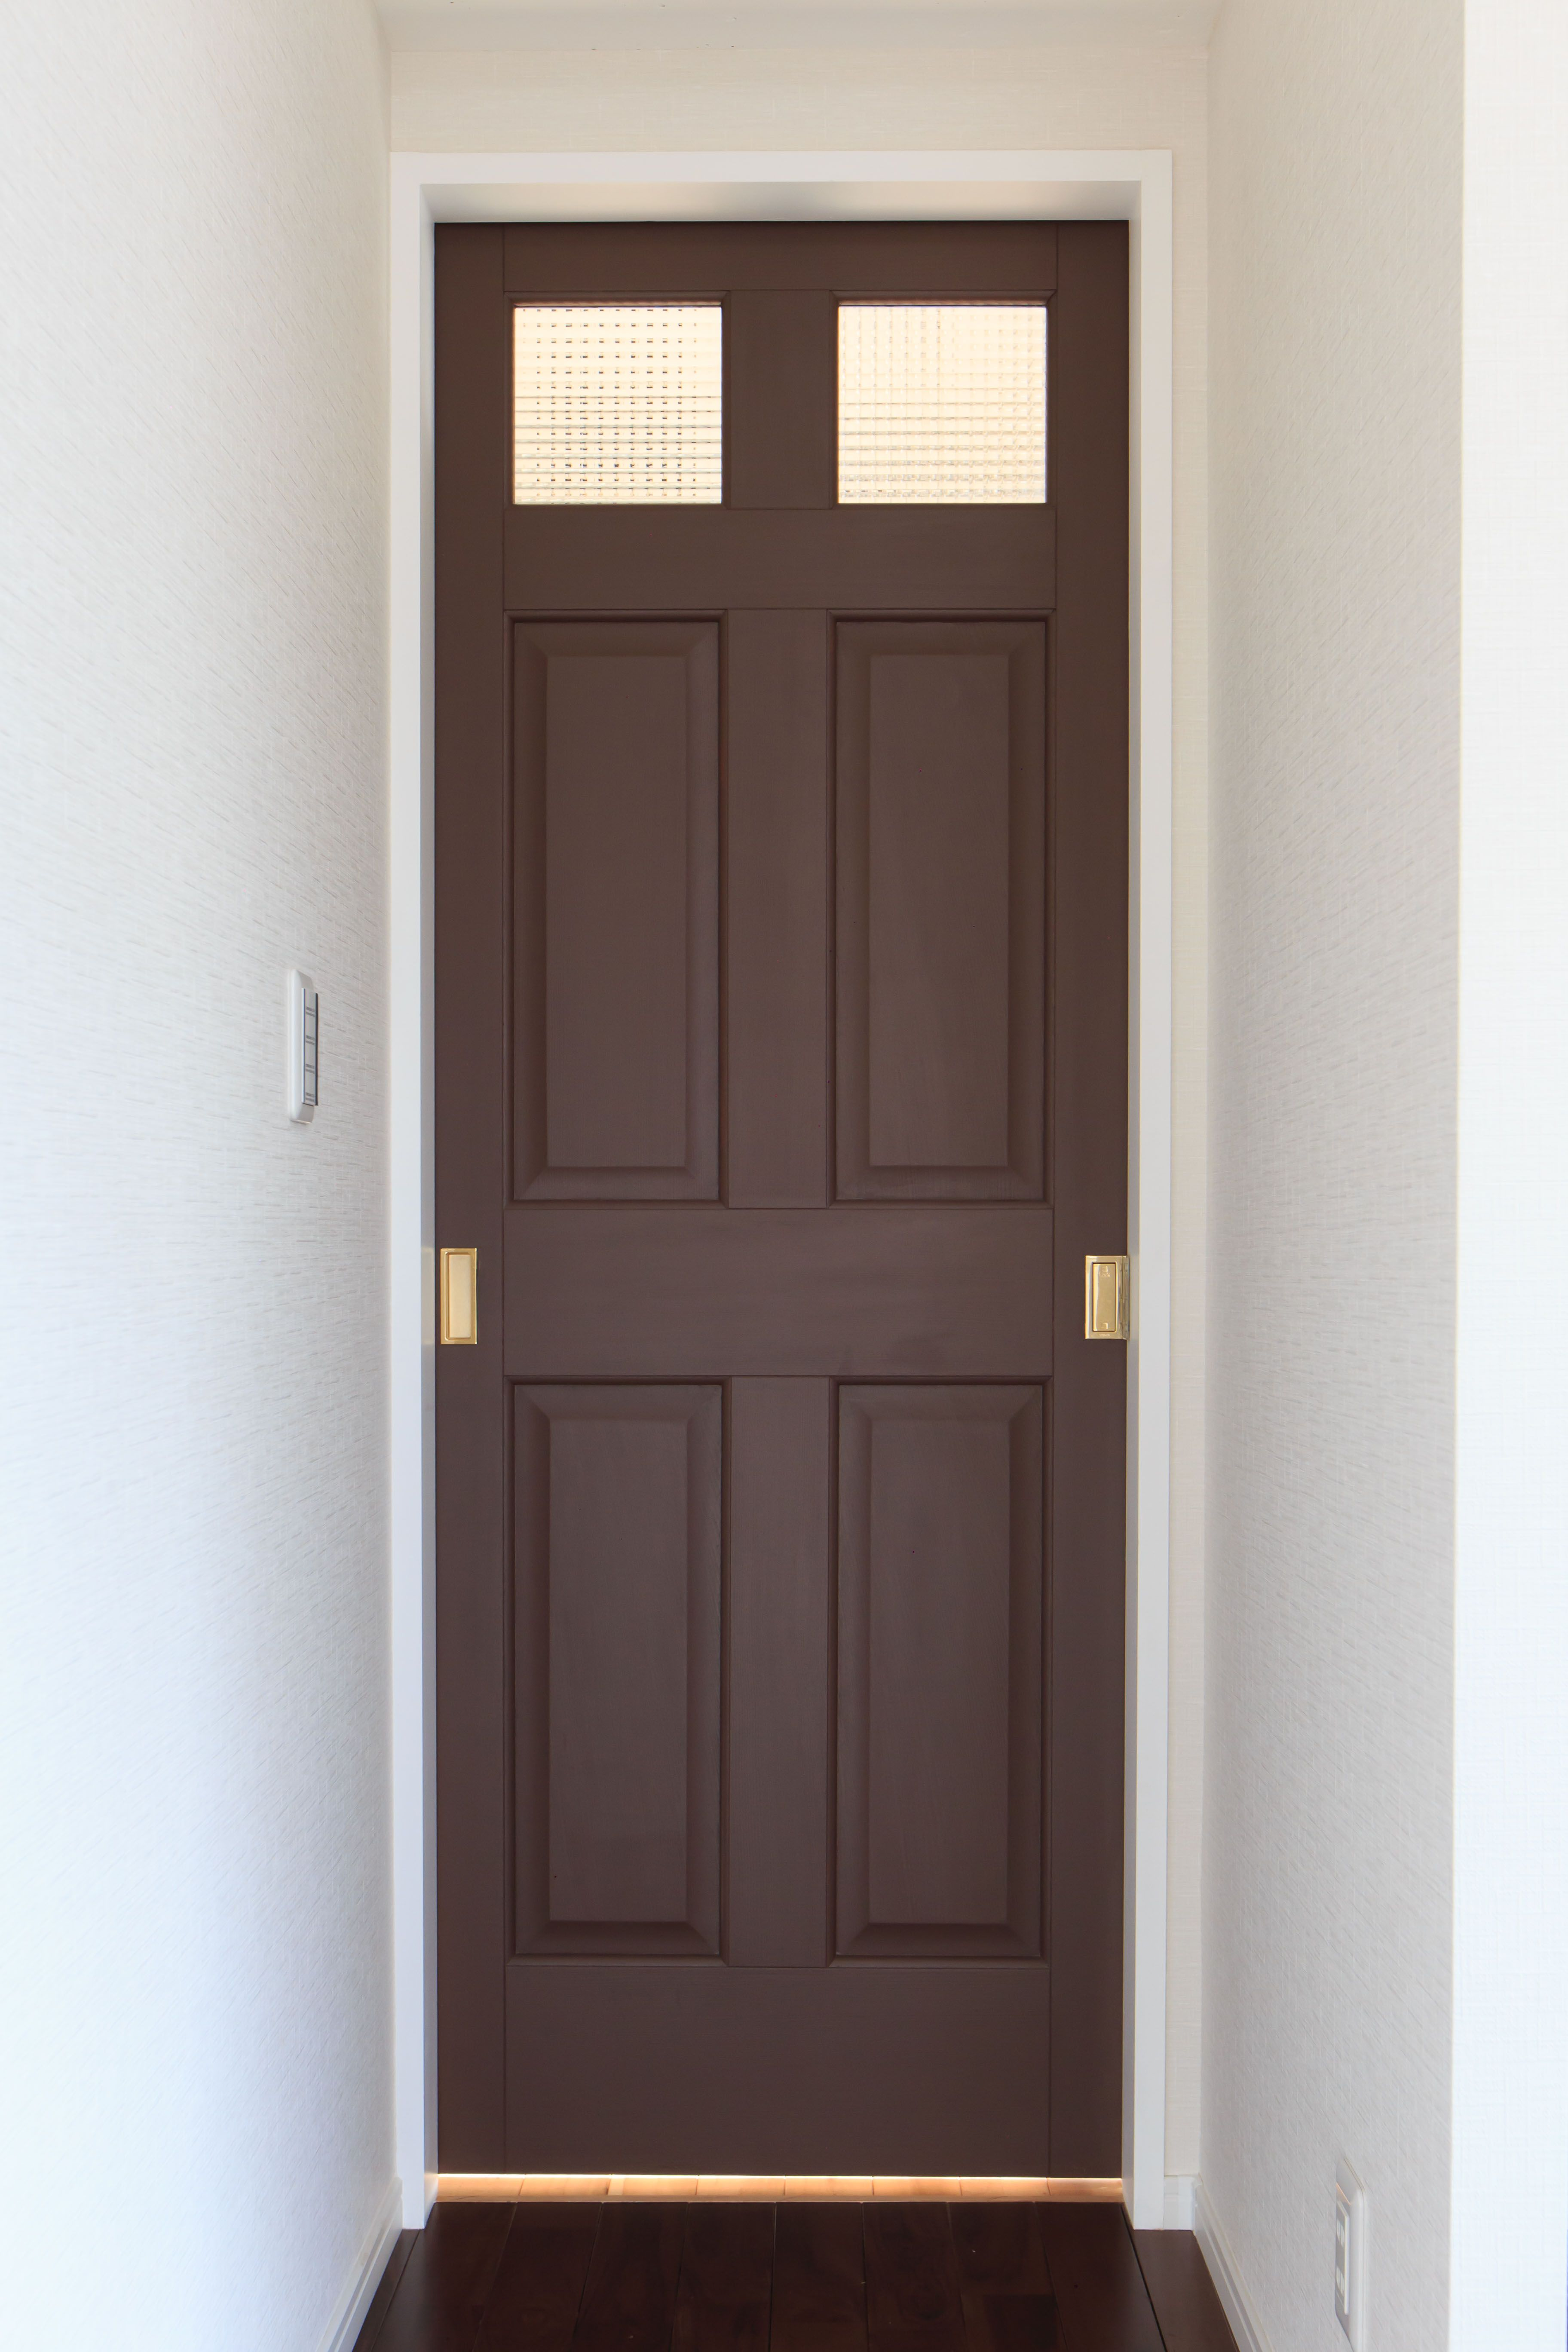 曲線カットガラス アンティーク扉 画像あり アンティーク ドア